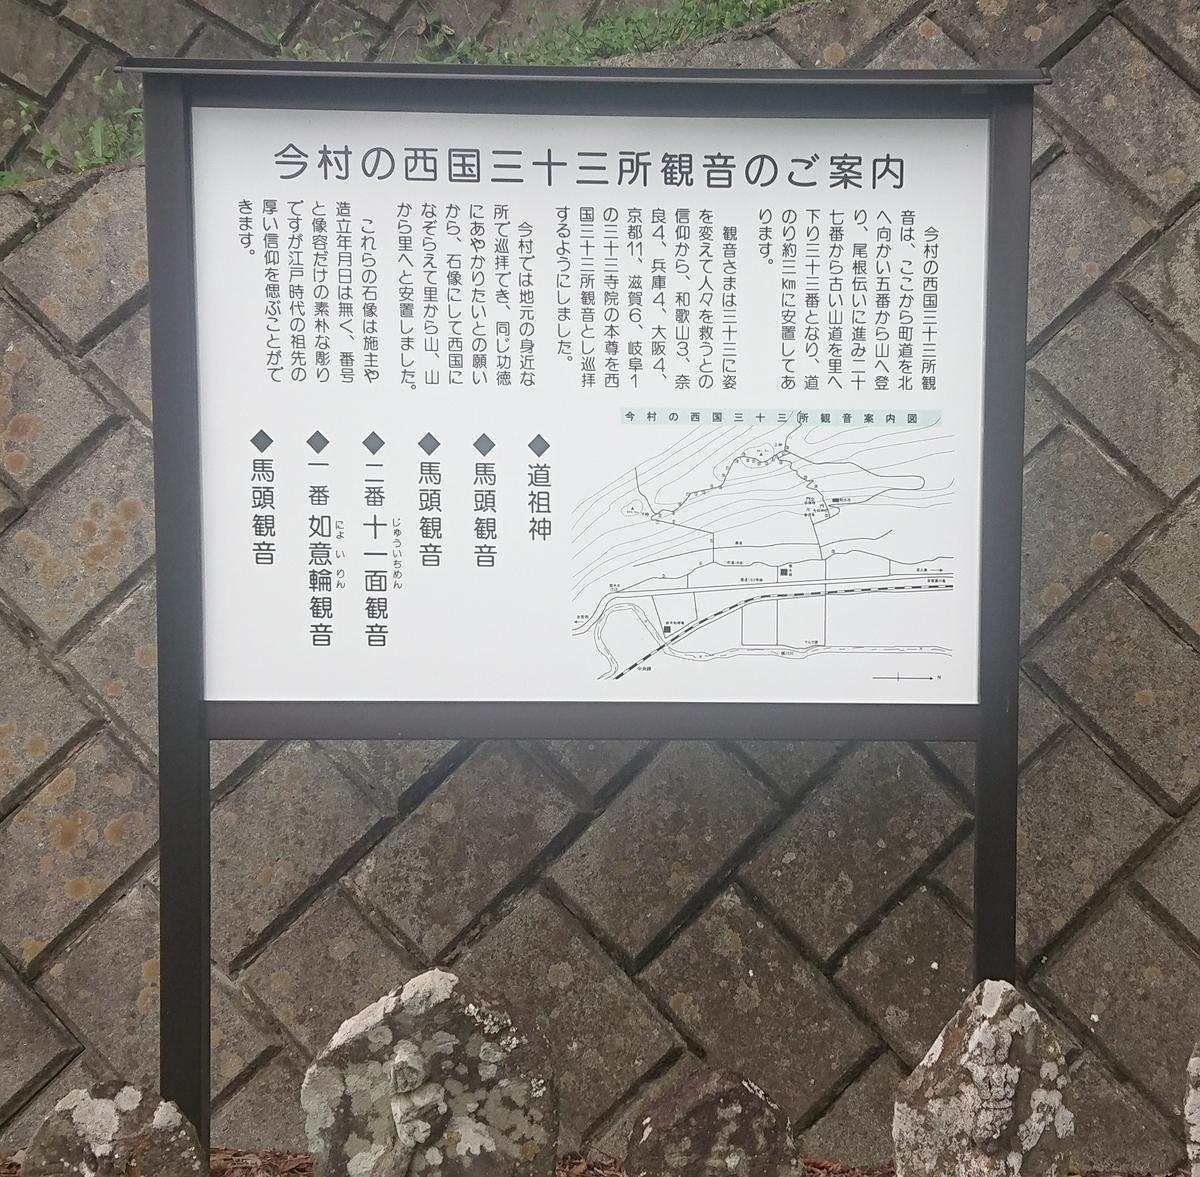 f:id:tatsurukun:20190905213715j:plain